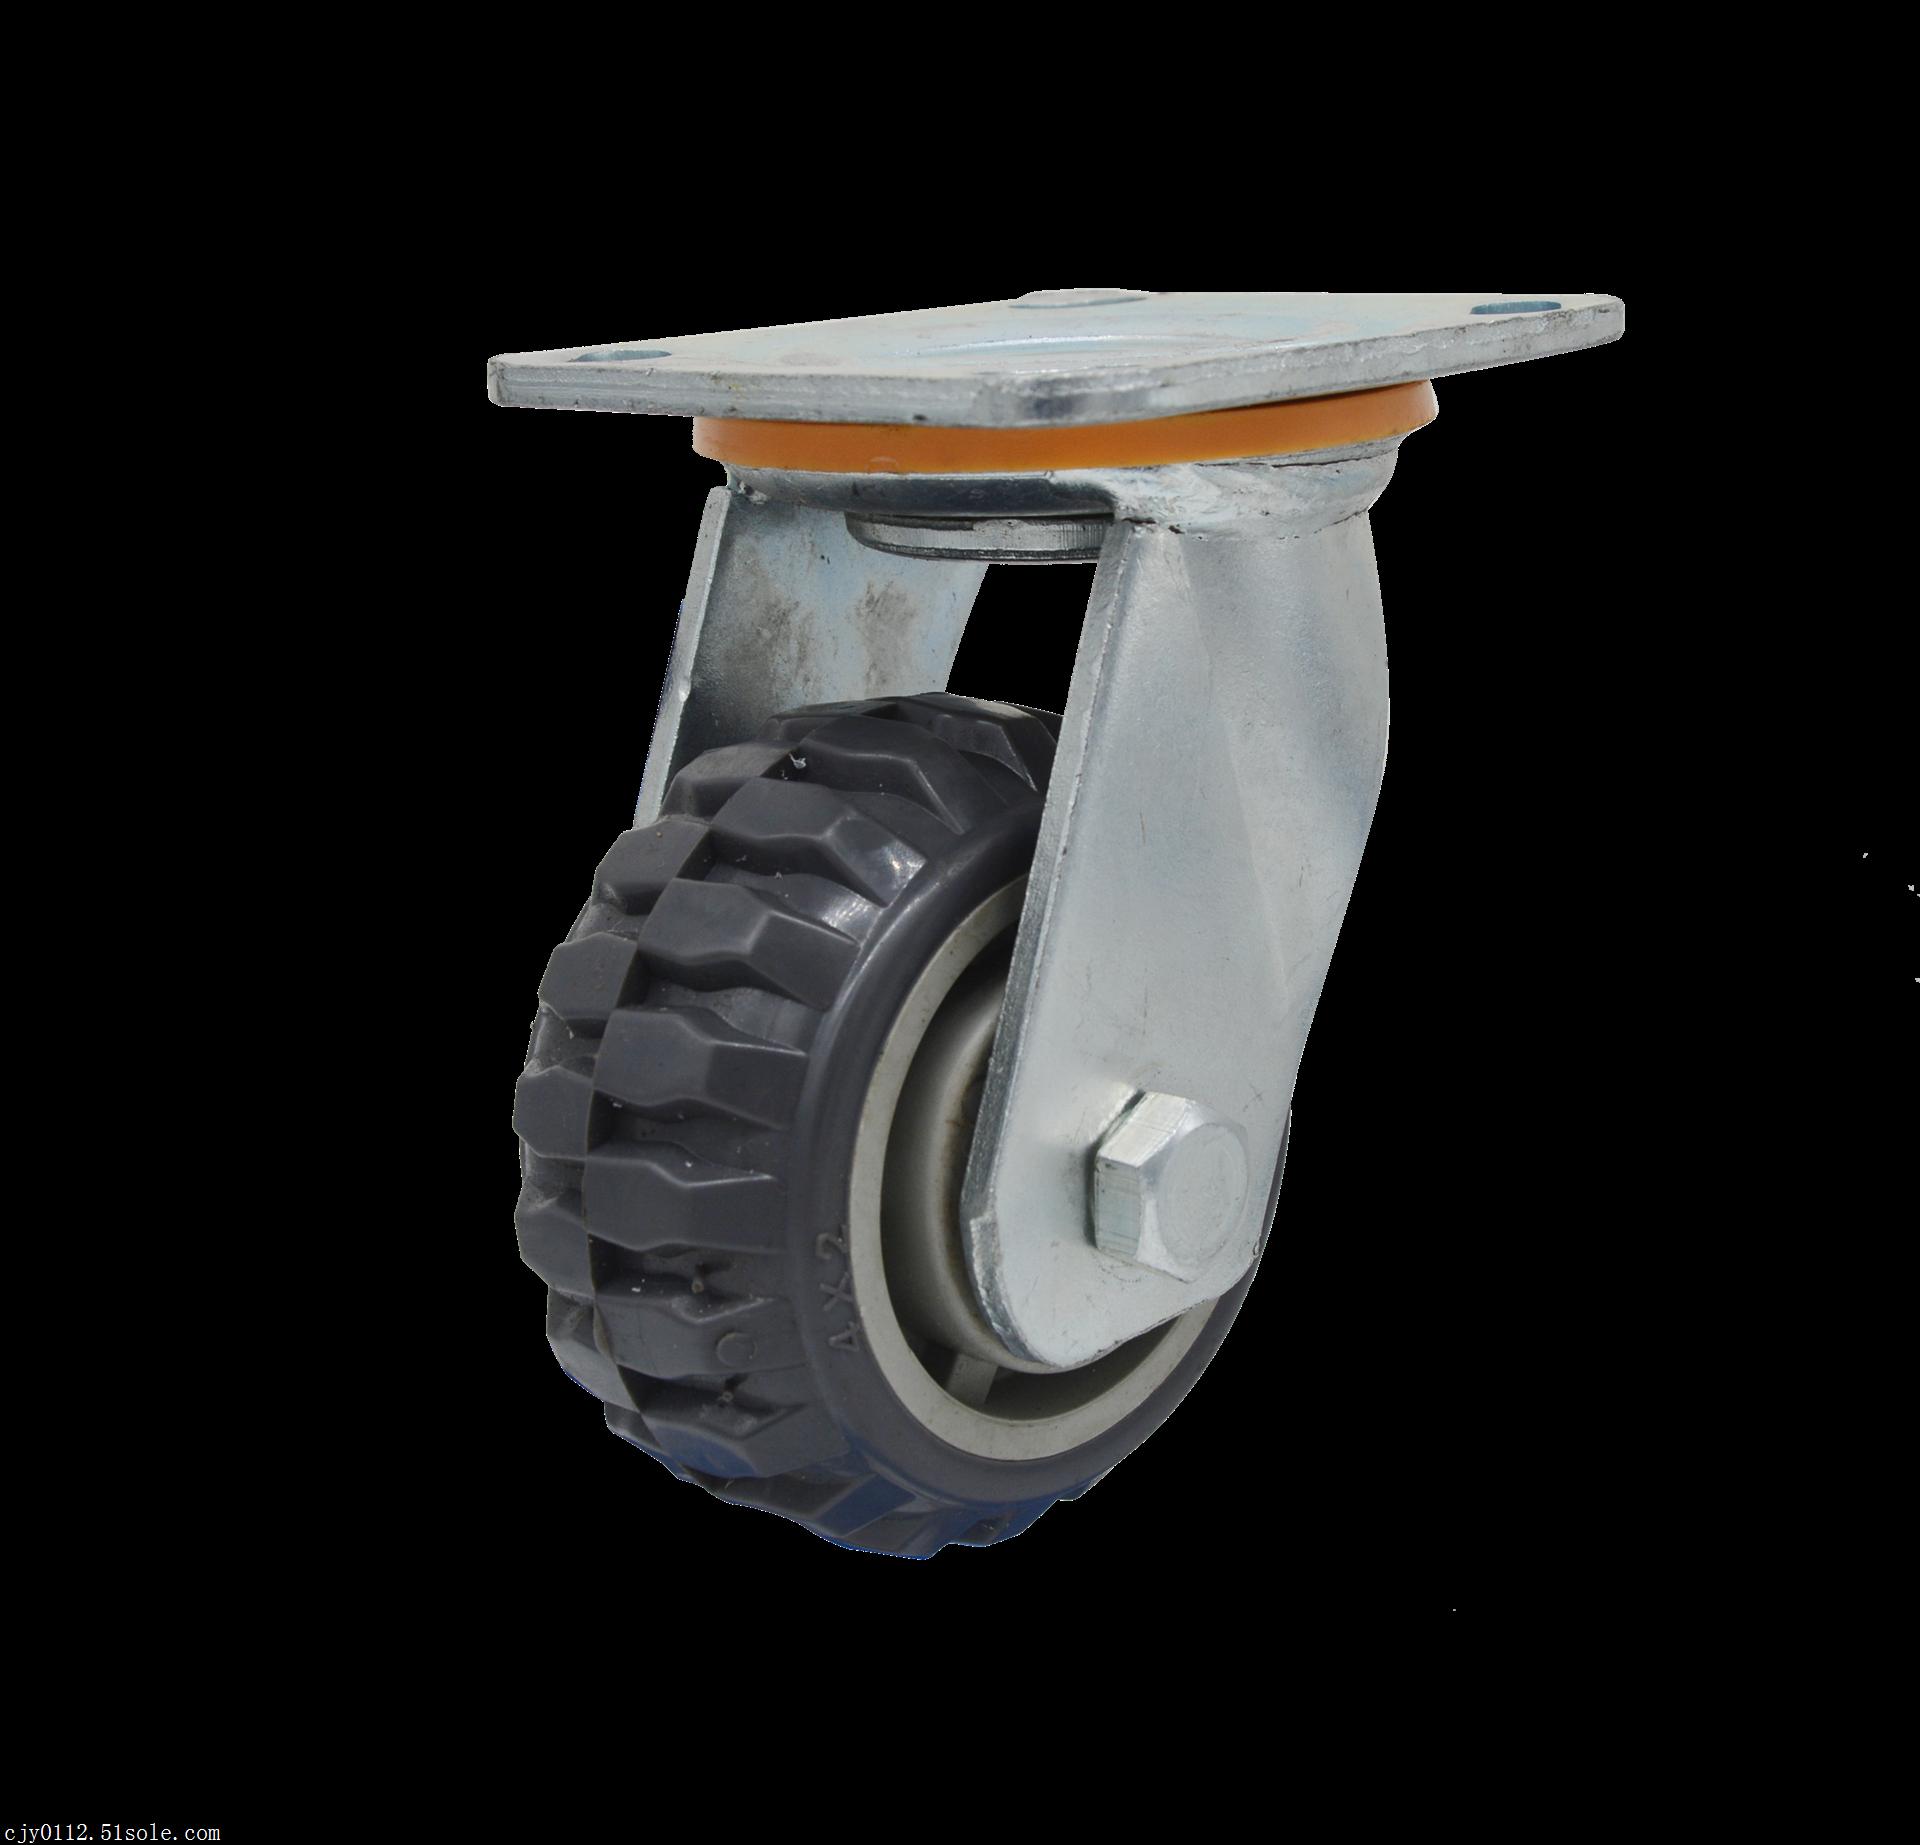 重型脚轮厂家 中山重型脚轮厂 中山重型脚轮供货商